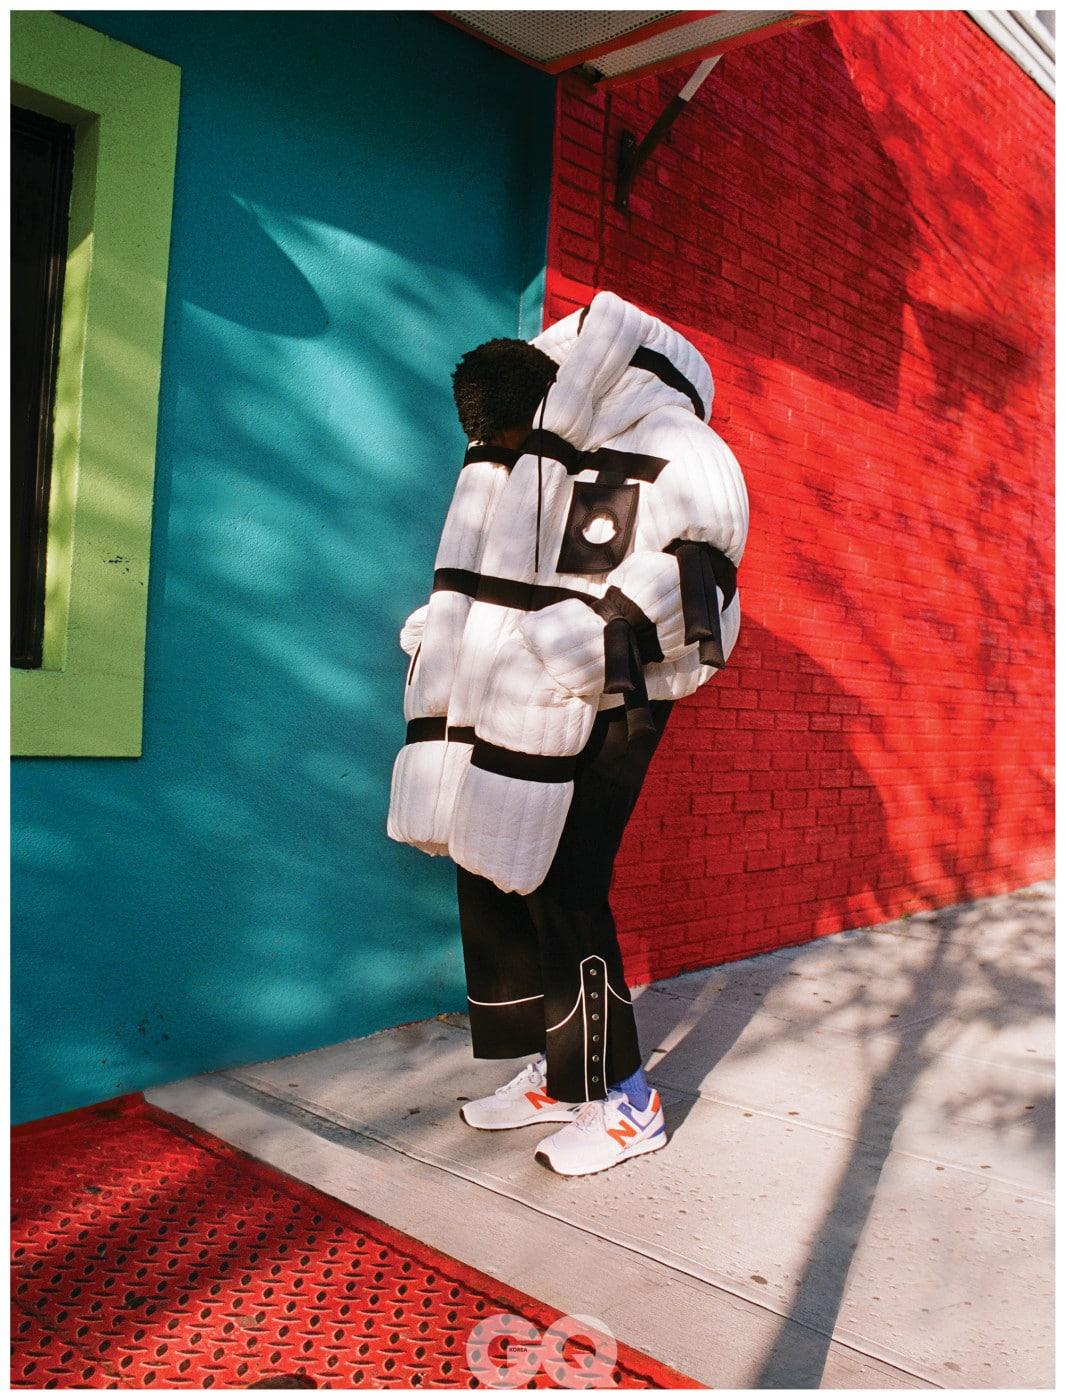 패딩 코트, 5 몽클레르 크레이그 그린. 블랙 팬츠, 디스퀘어드2. 운동화, 뉴발란스.